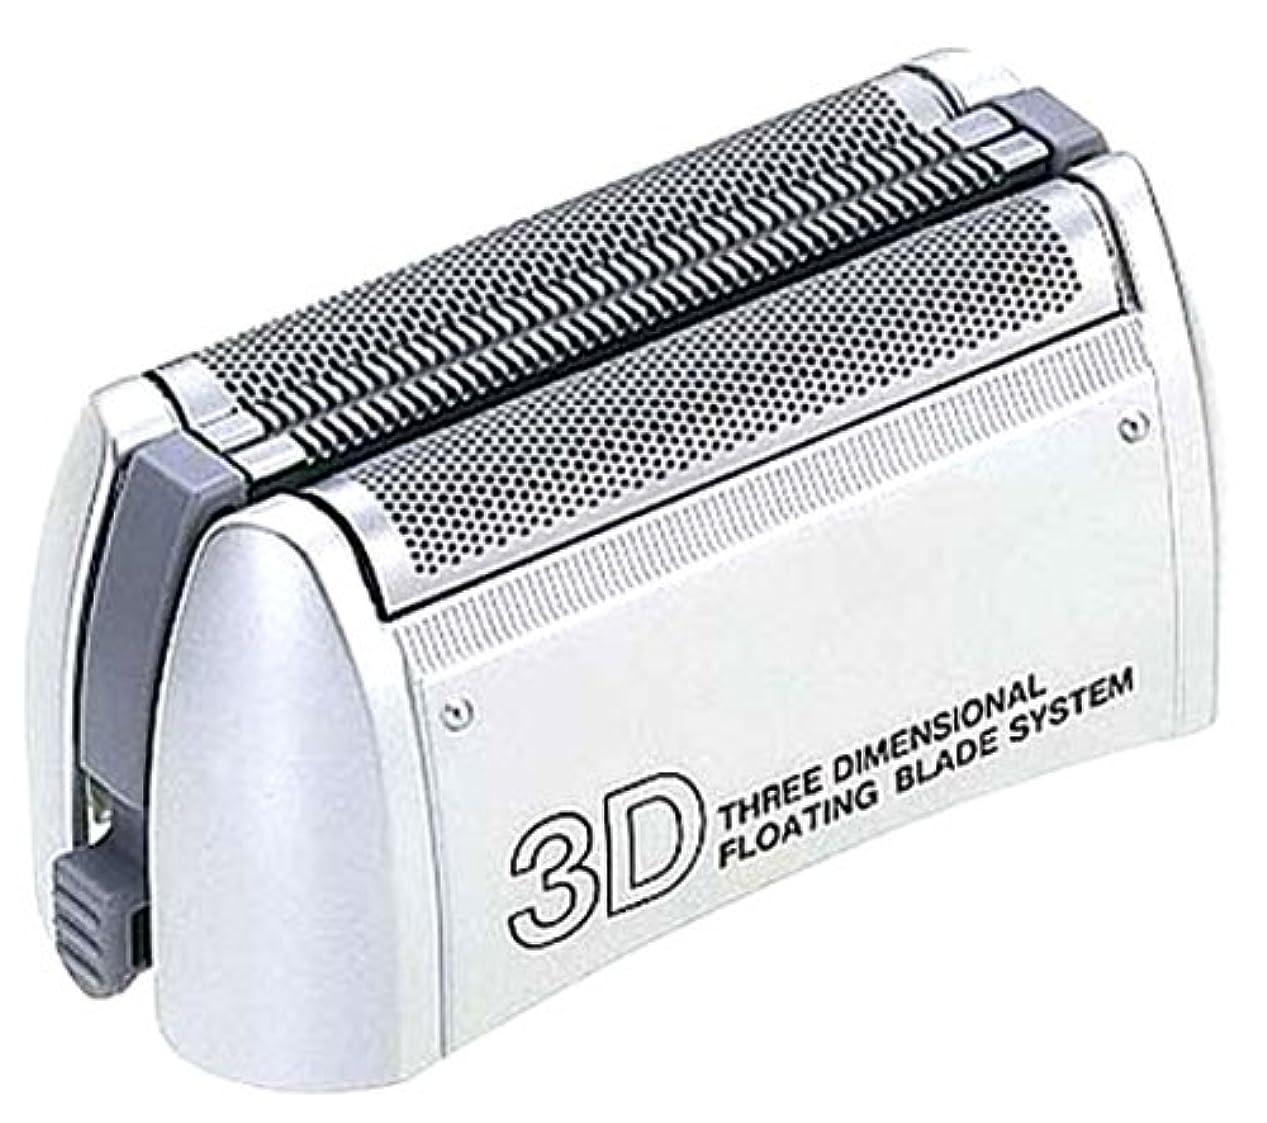 貯水池ヒント擁するパナソニック 替刃 リニアスムーサー3D メンズシェーバー用外刃 ES9081